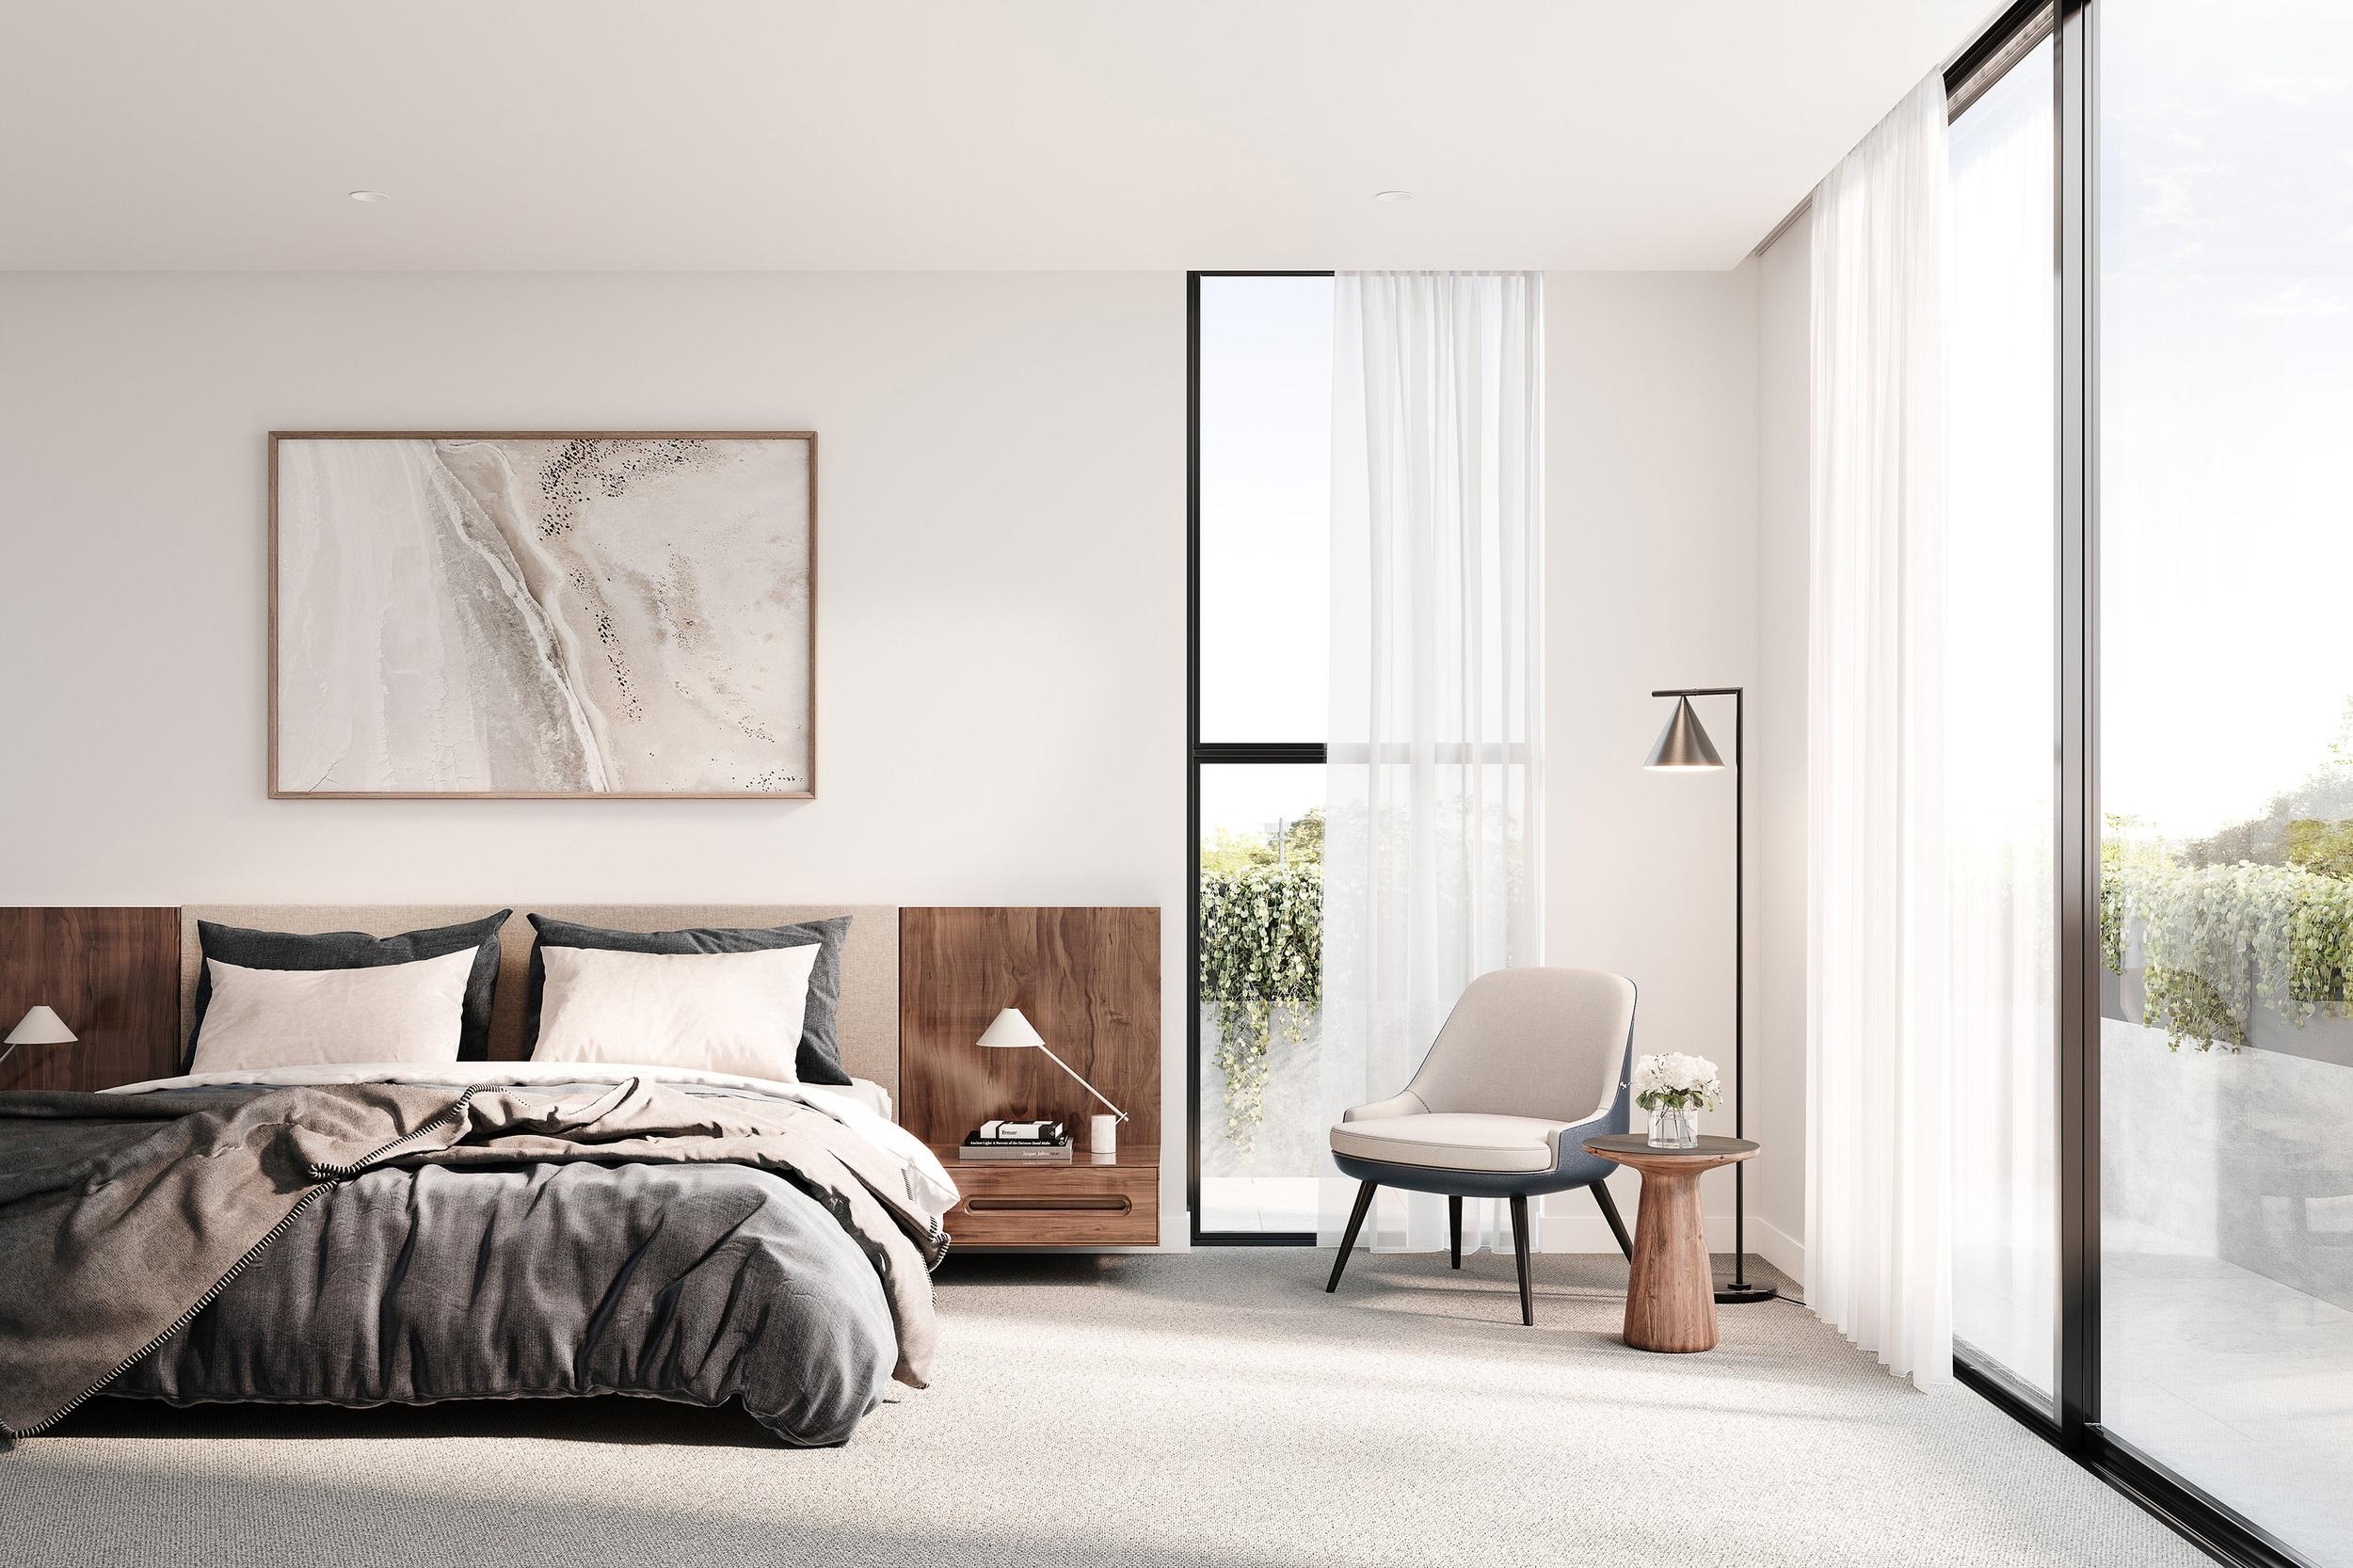 INT03_Bedroom LR.jpg